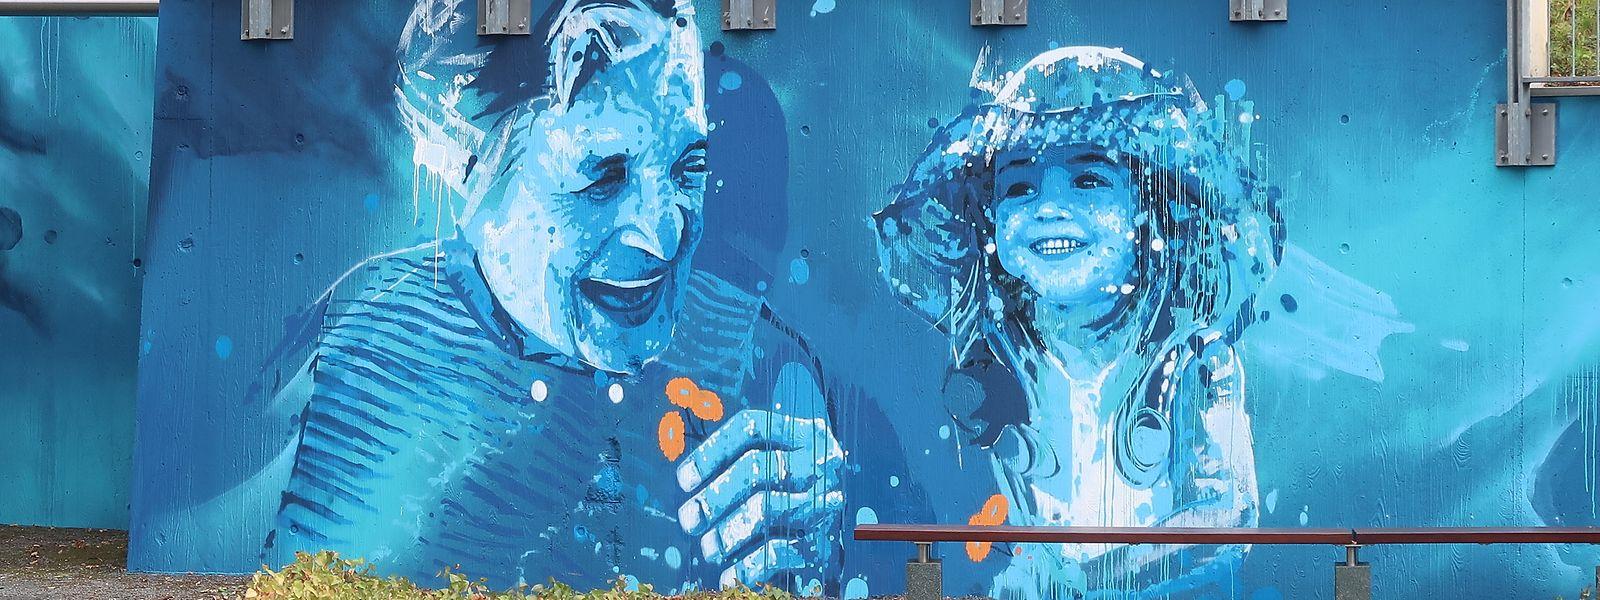 Das Graffiti-Gemälde der beiden Künstler Raphaël Gindt und Daniel Mac Lloyd bildet das Highlight des neuen Achtsamkeitswegs und soll eine positive und generationsübergreifende Botschaft vermitteln.